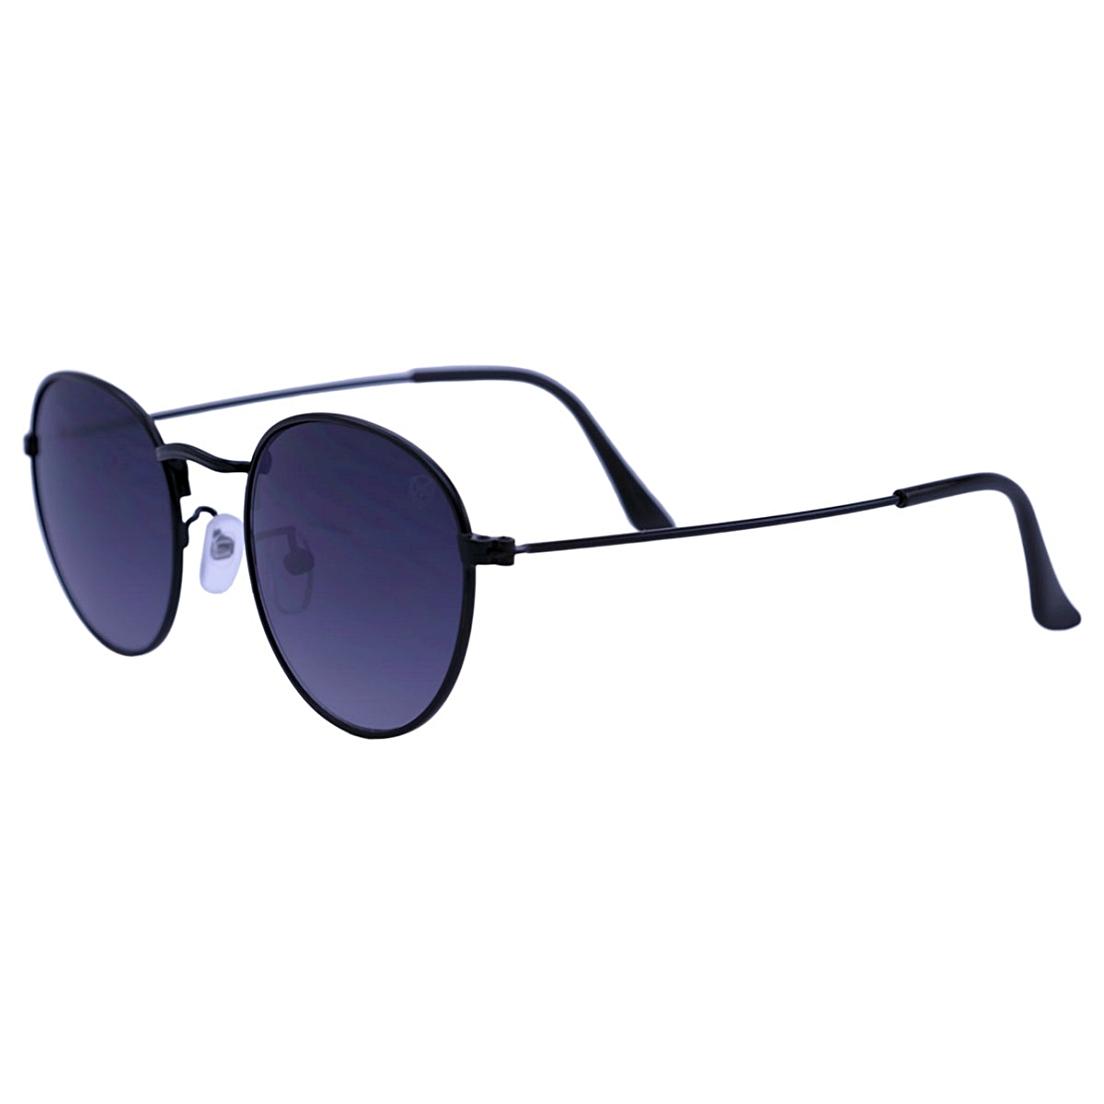 Óculos De Sol Mackage Unissex Oval - Preto